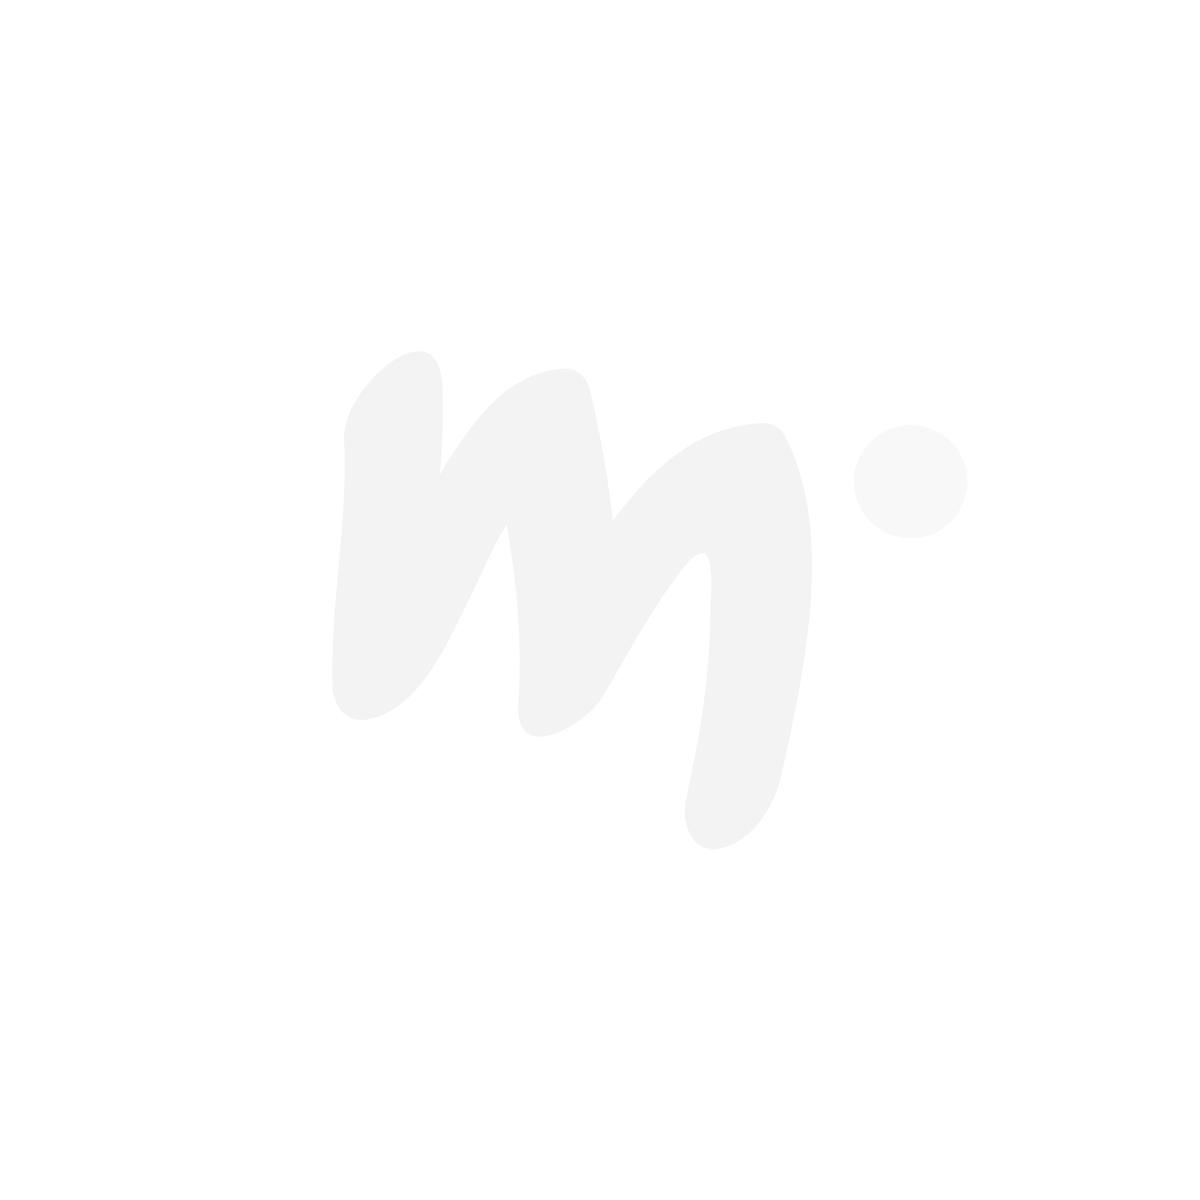 Peppi Pitkätossu Kekkerit-tunika vaaleanpunainen